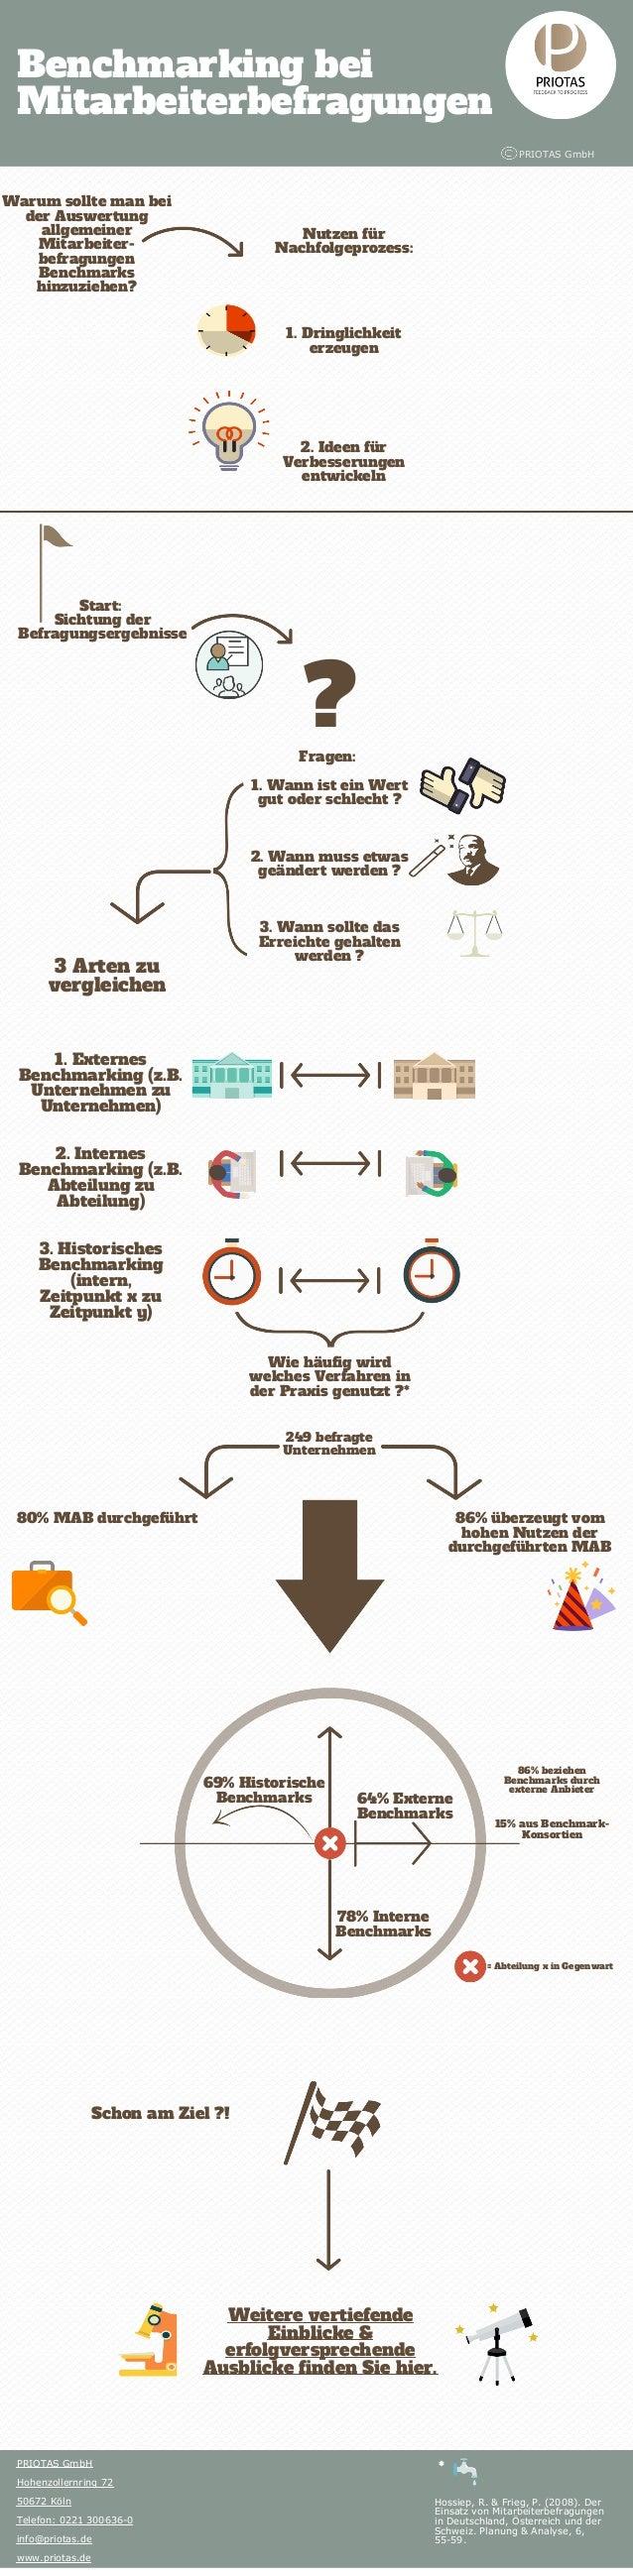 Benchmarking bei Mitarbeiterbefragungen PRIOTAS GmbH Start: Sichtung der Befragungsergebnisse Fragen: 1. Wann ist ein Wert...